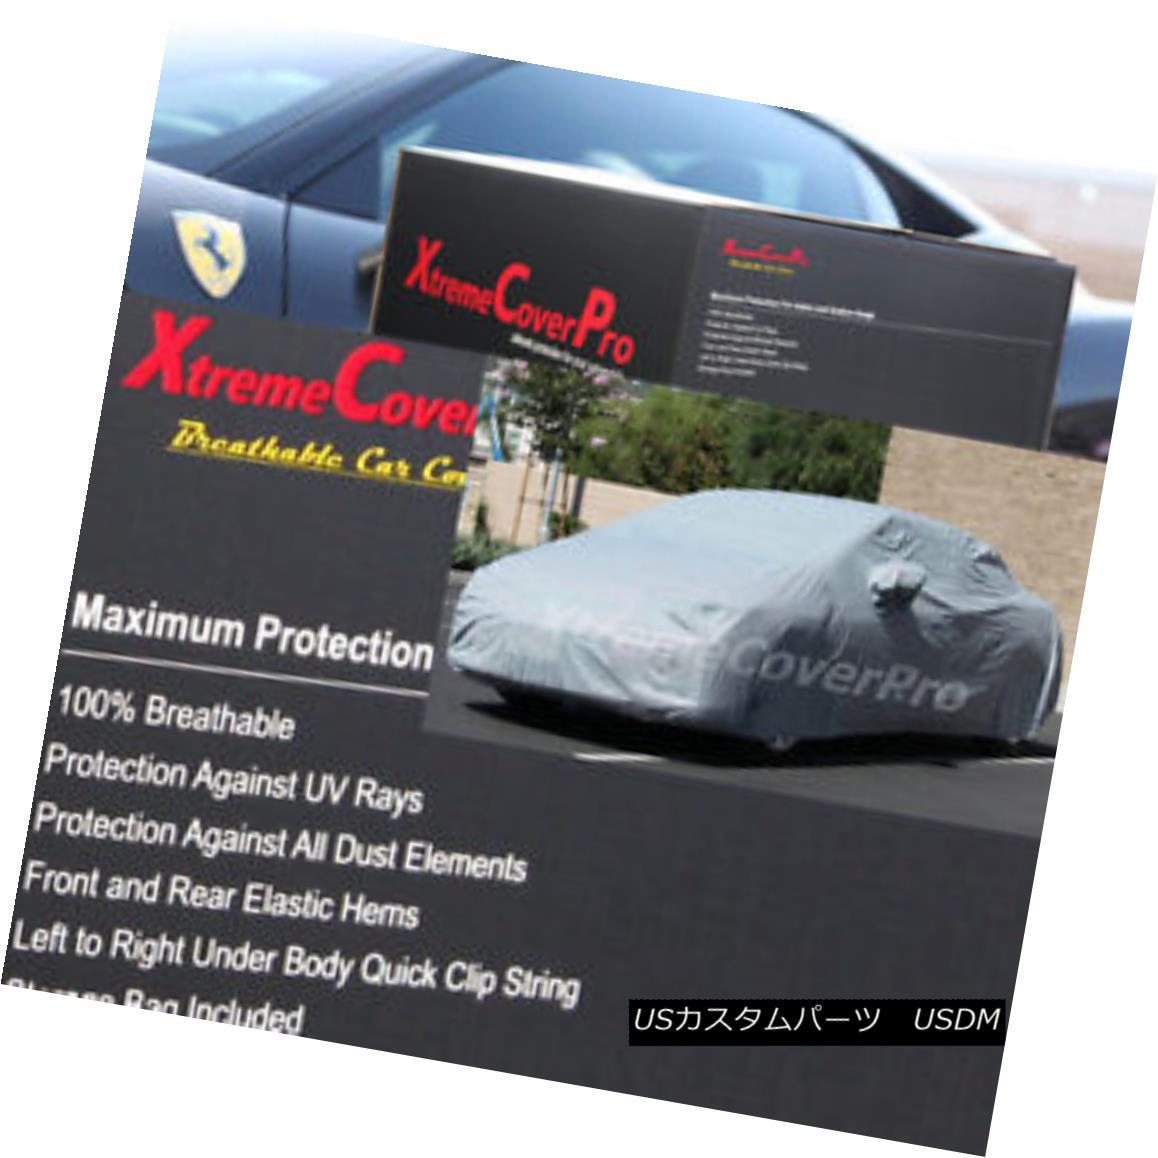 カーカバー XTREMECOVERPRO BREATHABLE CAR COVER W/MIRROR POCKETS BLACK HyElGT01 Hatchback XTREMECOVERPRO BREATHABLE CAR COVER W / MIRRORポケットブラックHyElGT01ハッチバック